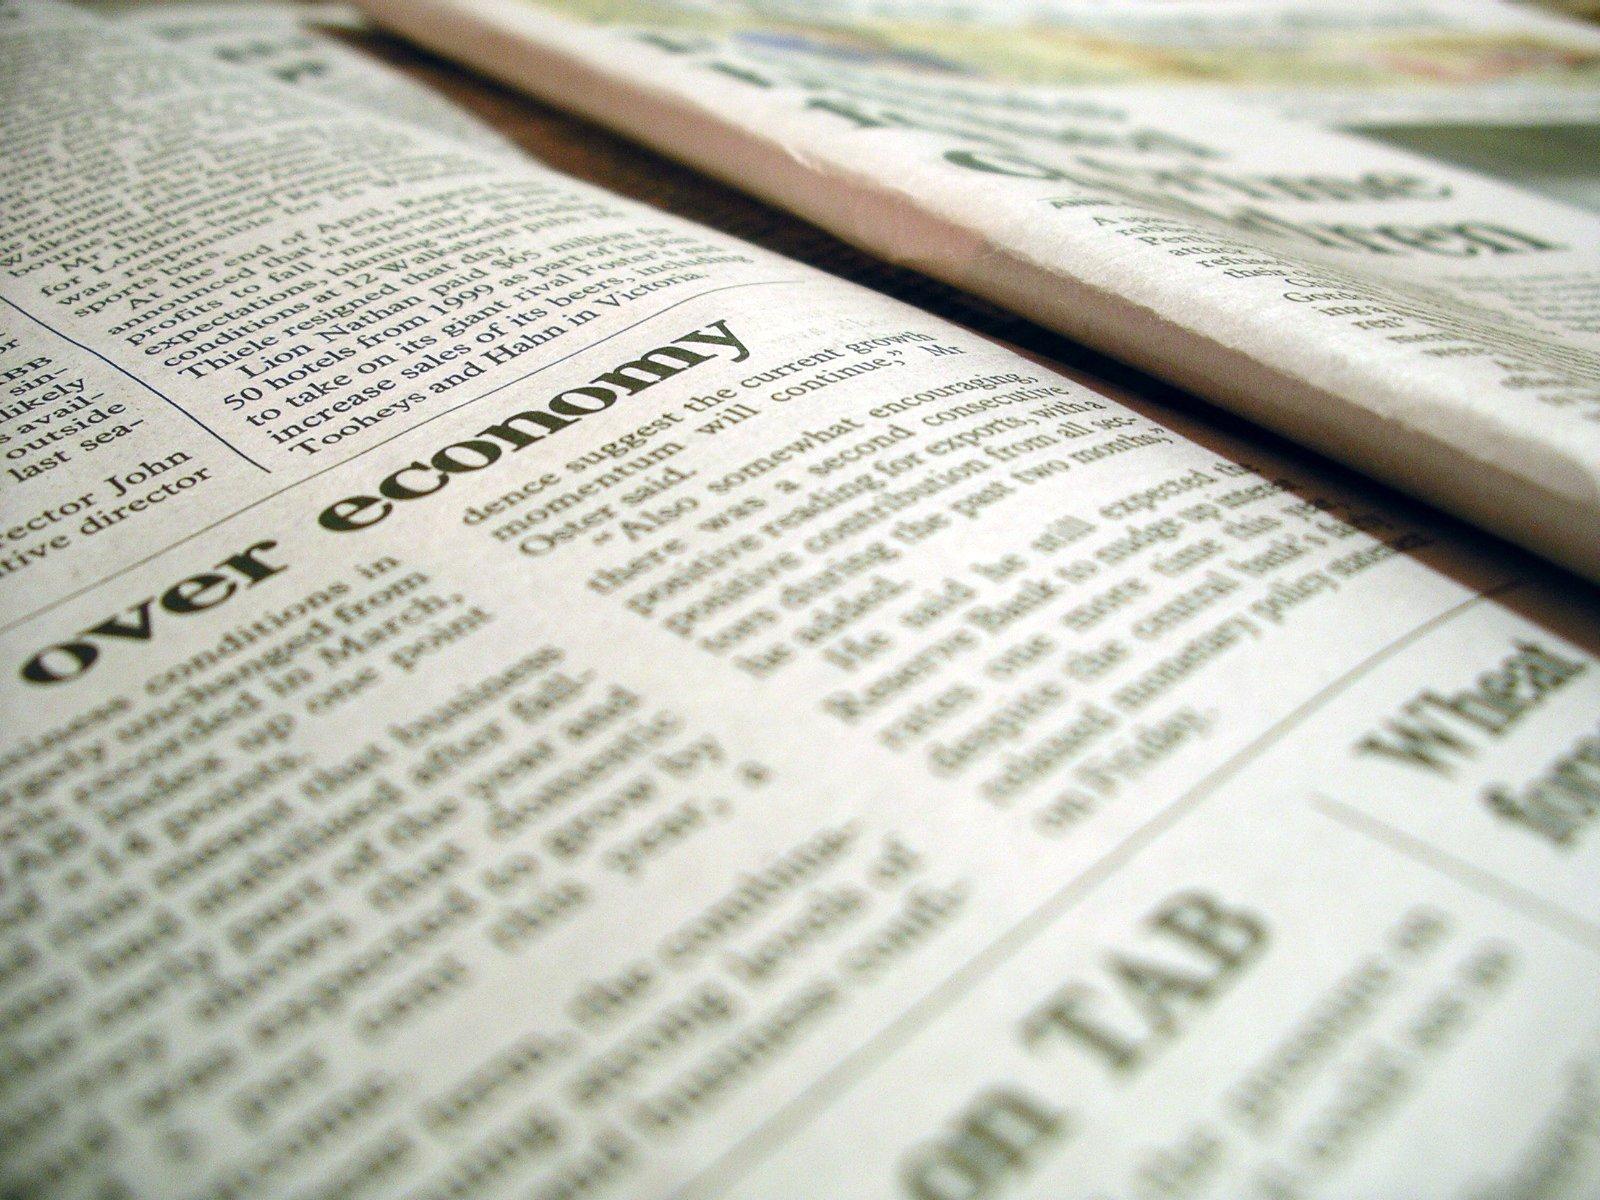 newspaper-1489009.jpg